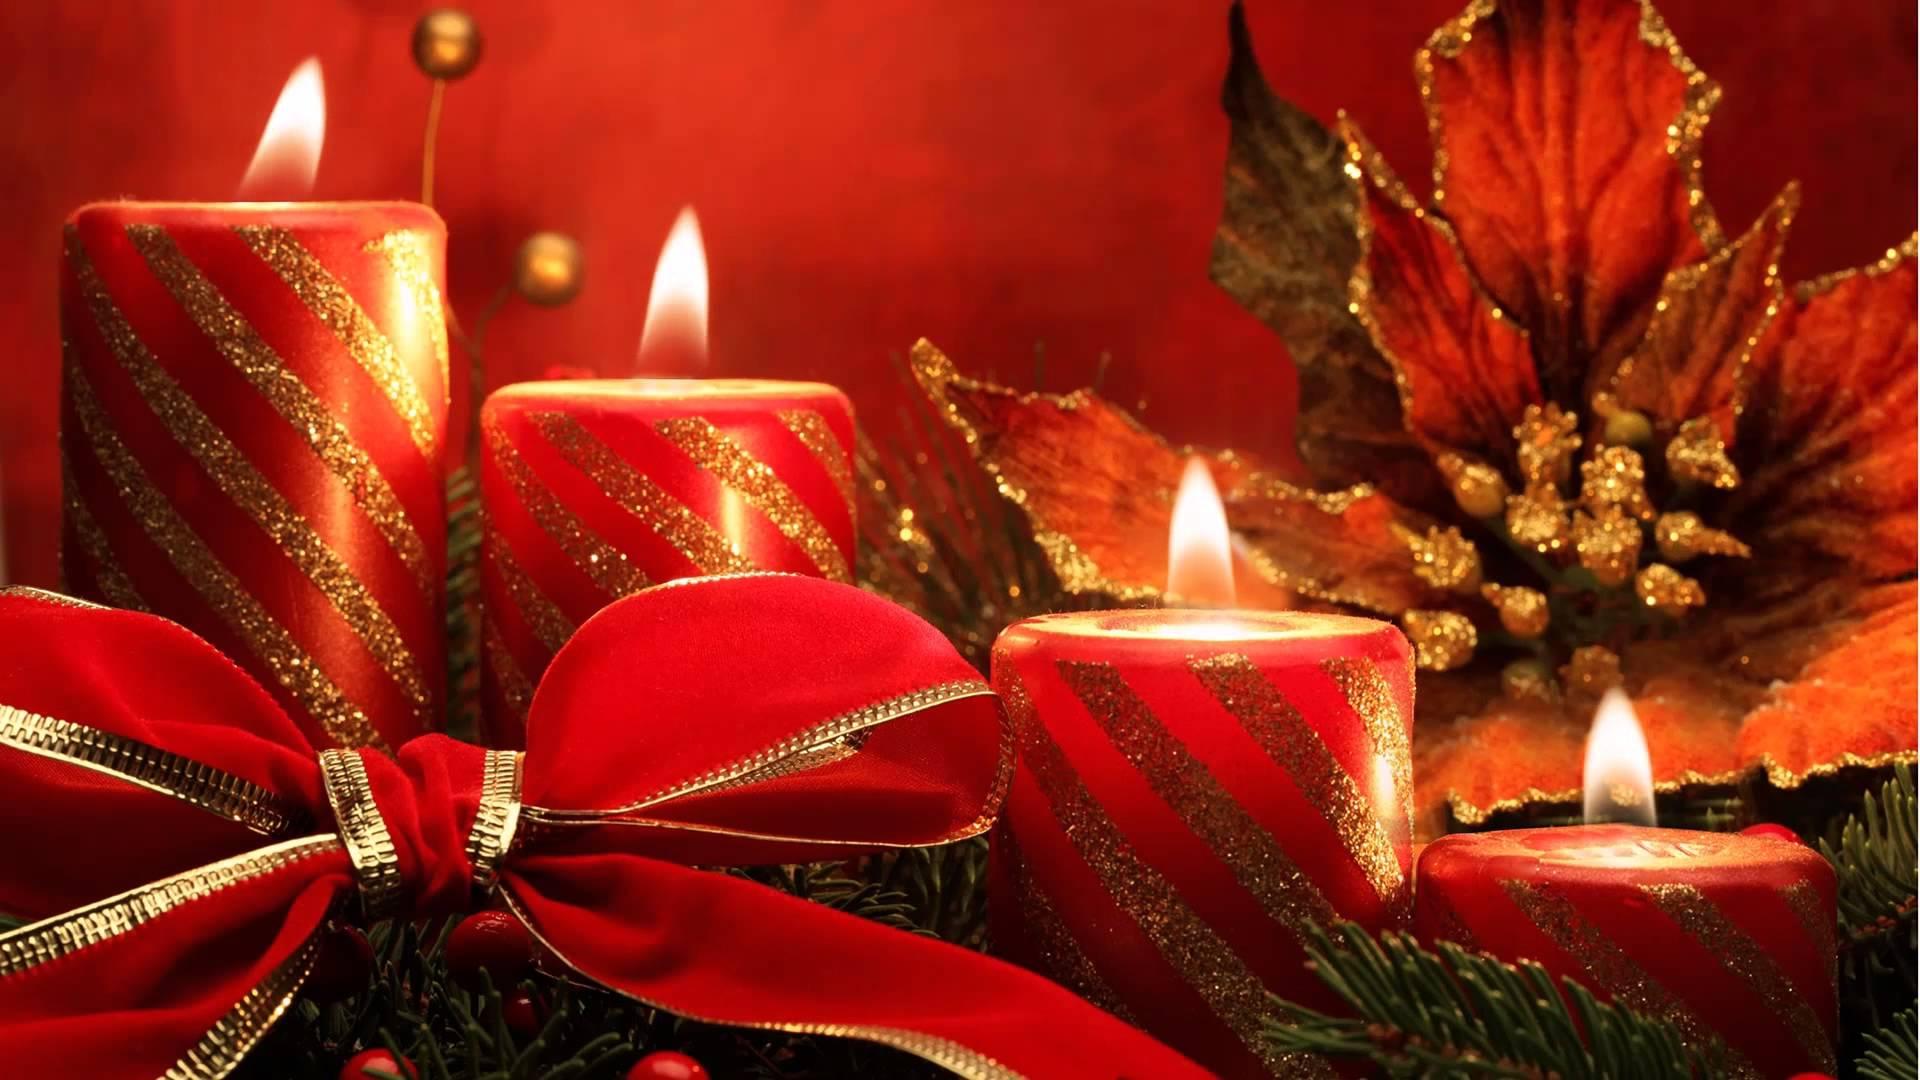 Il Natale Cattolico.Prossimi Eventi Azione Cattolica Trieste Verso Il Natale